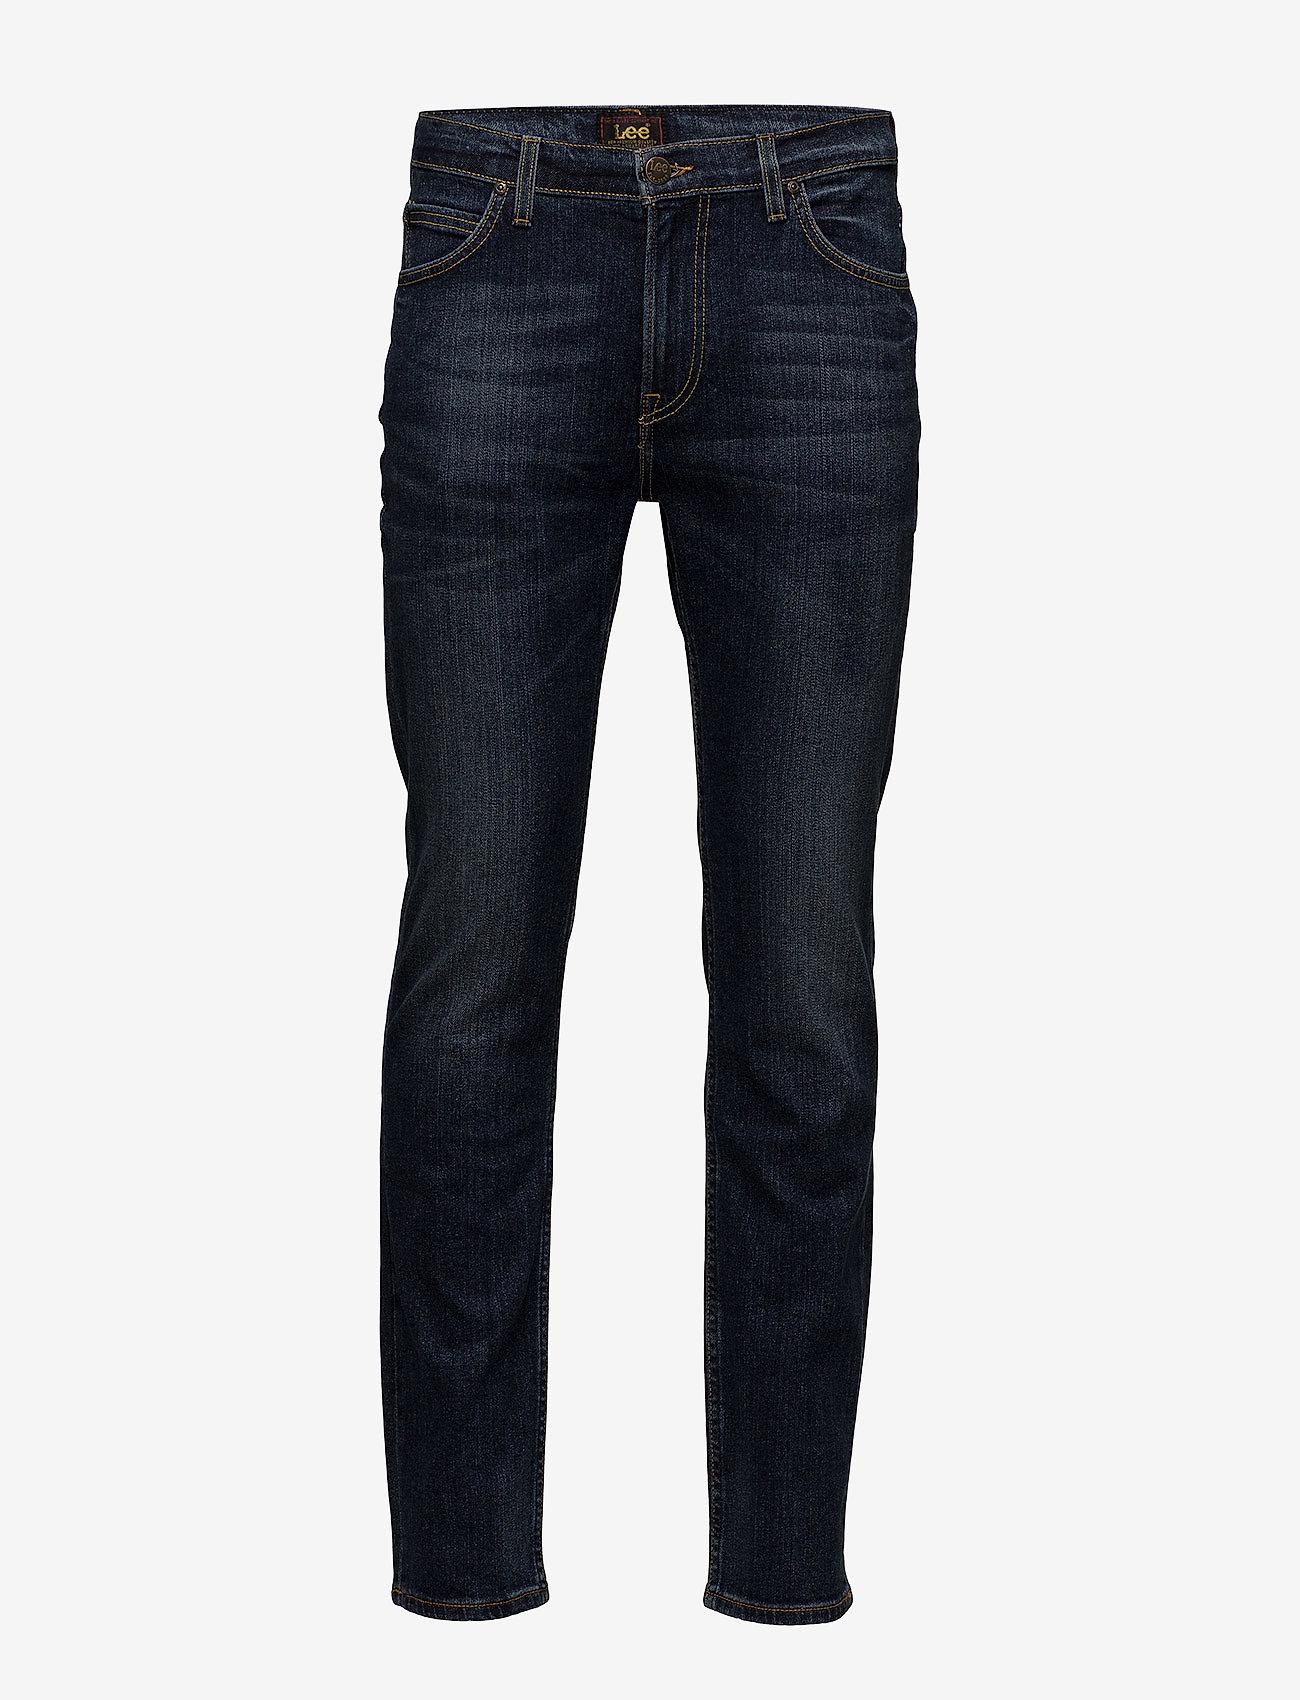 Lee Jeans - RIDER - slim jeans - blue waters - 1